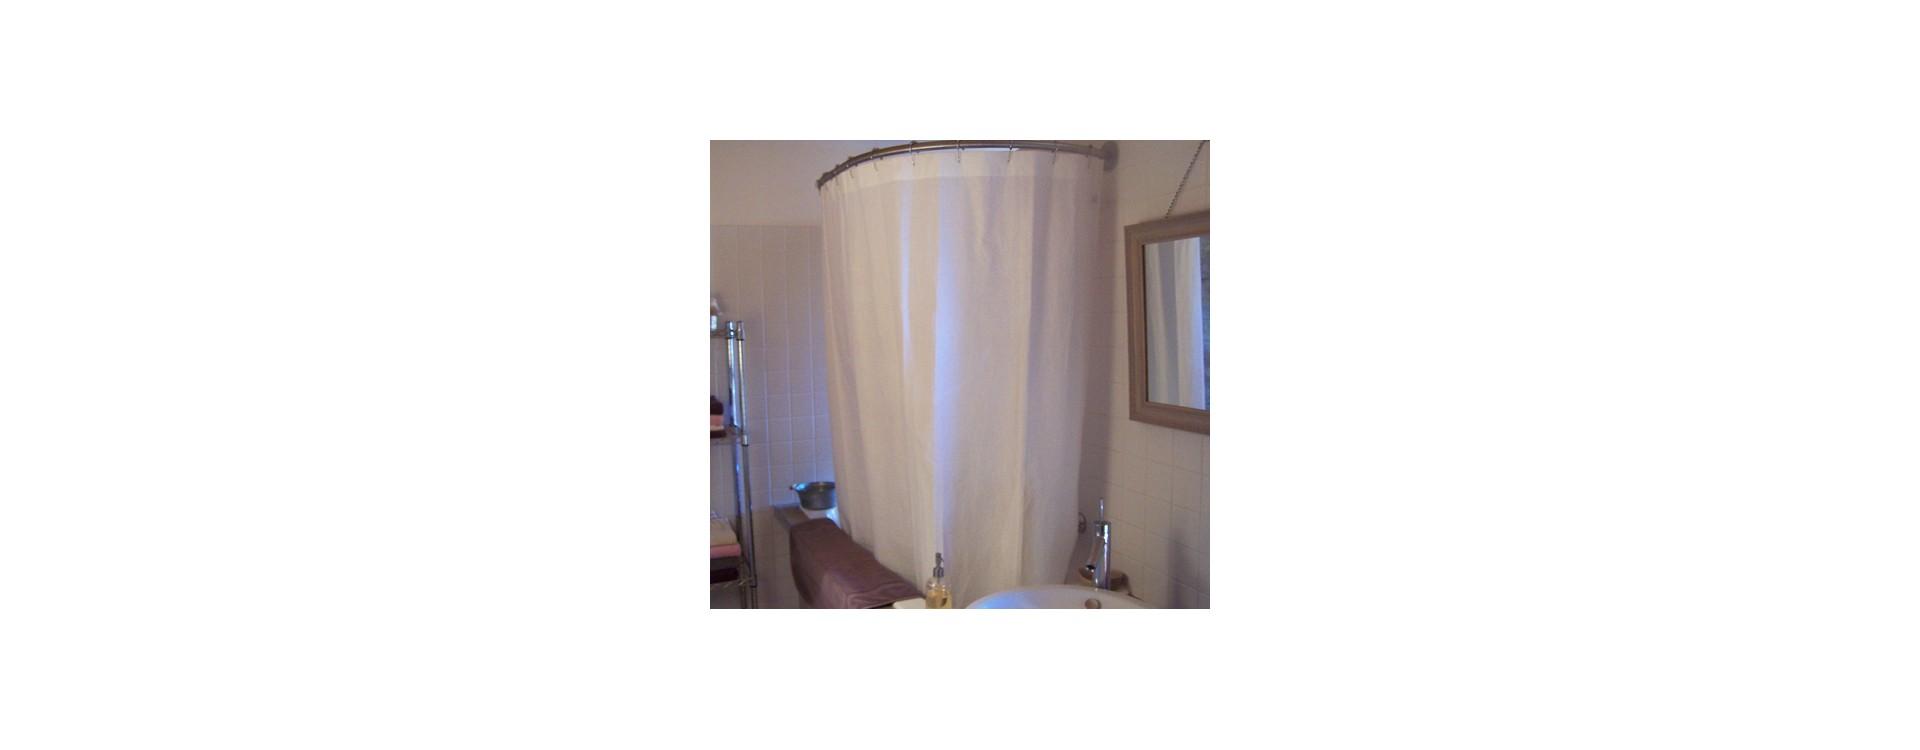 Barre de rideau de douche ovale murale GalboBain pour baignoire